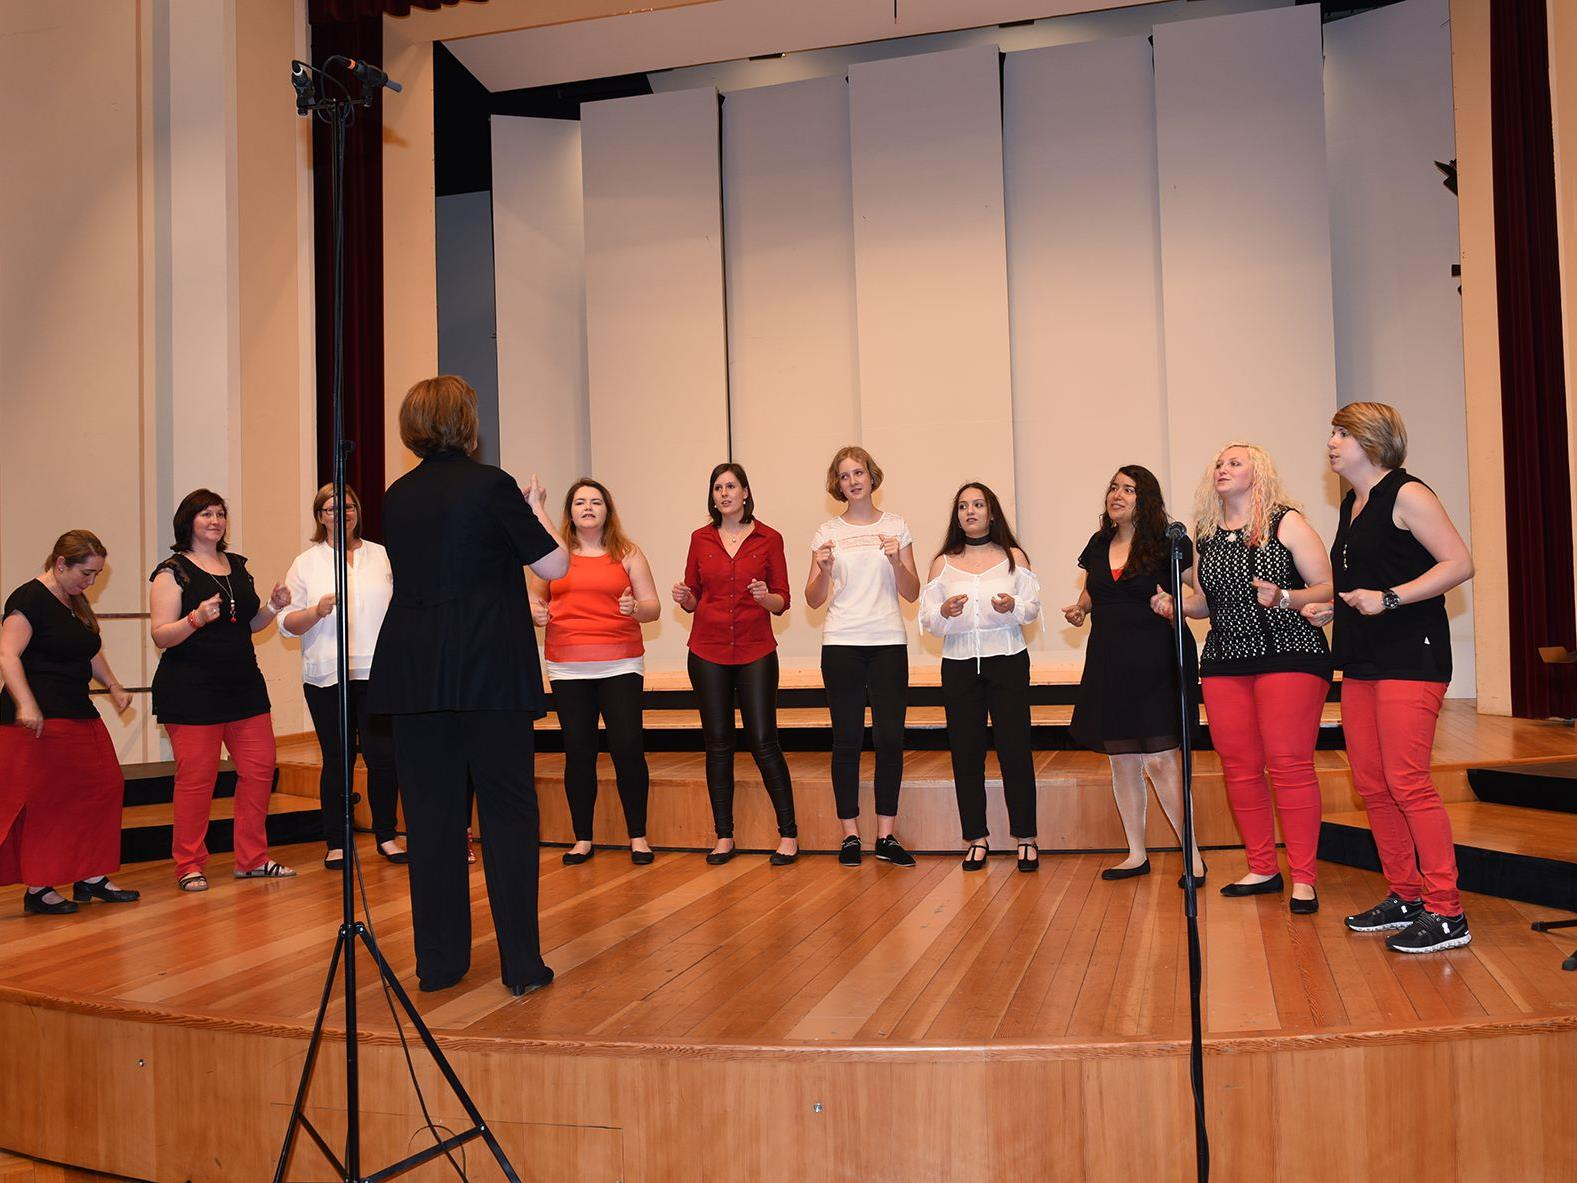 Der Jugend-/Frauenchor Zemmagwürflat aus Feldkirch